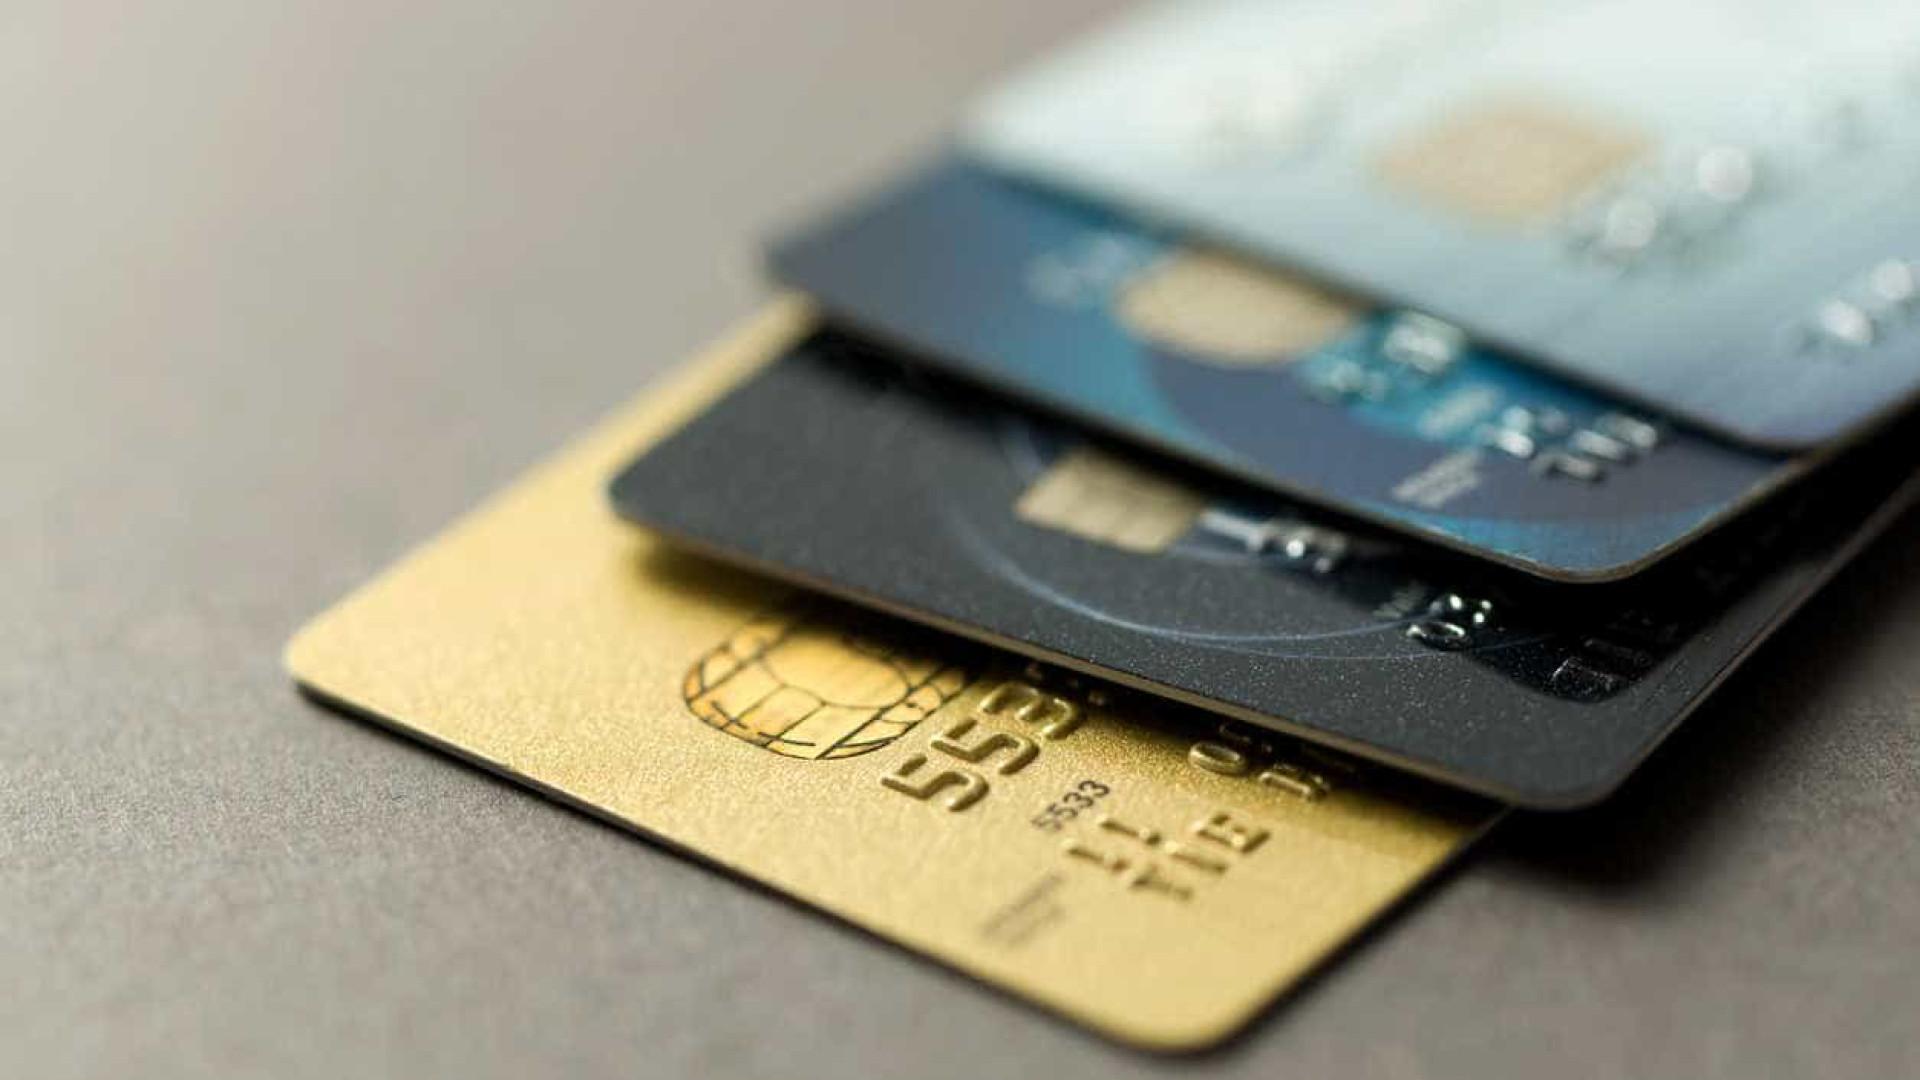 Compras e levantamentos por multibanco com quebras superiores a 40%